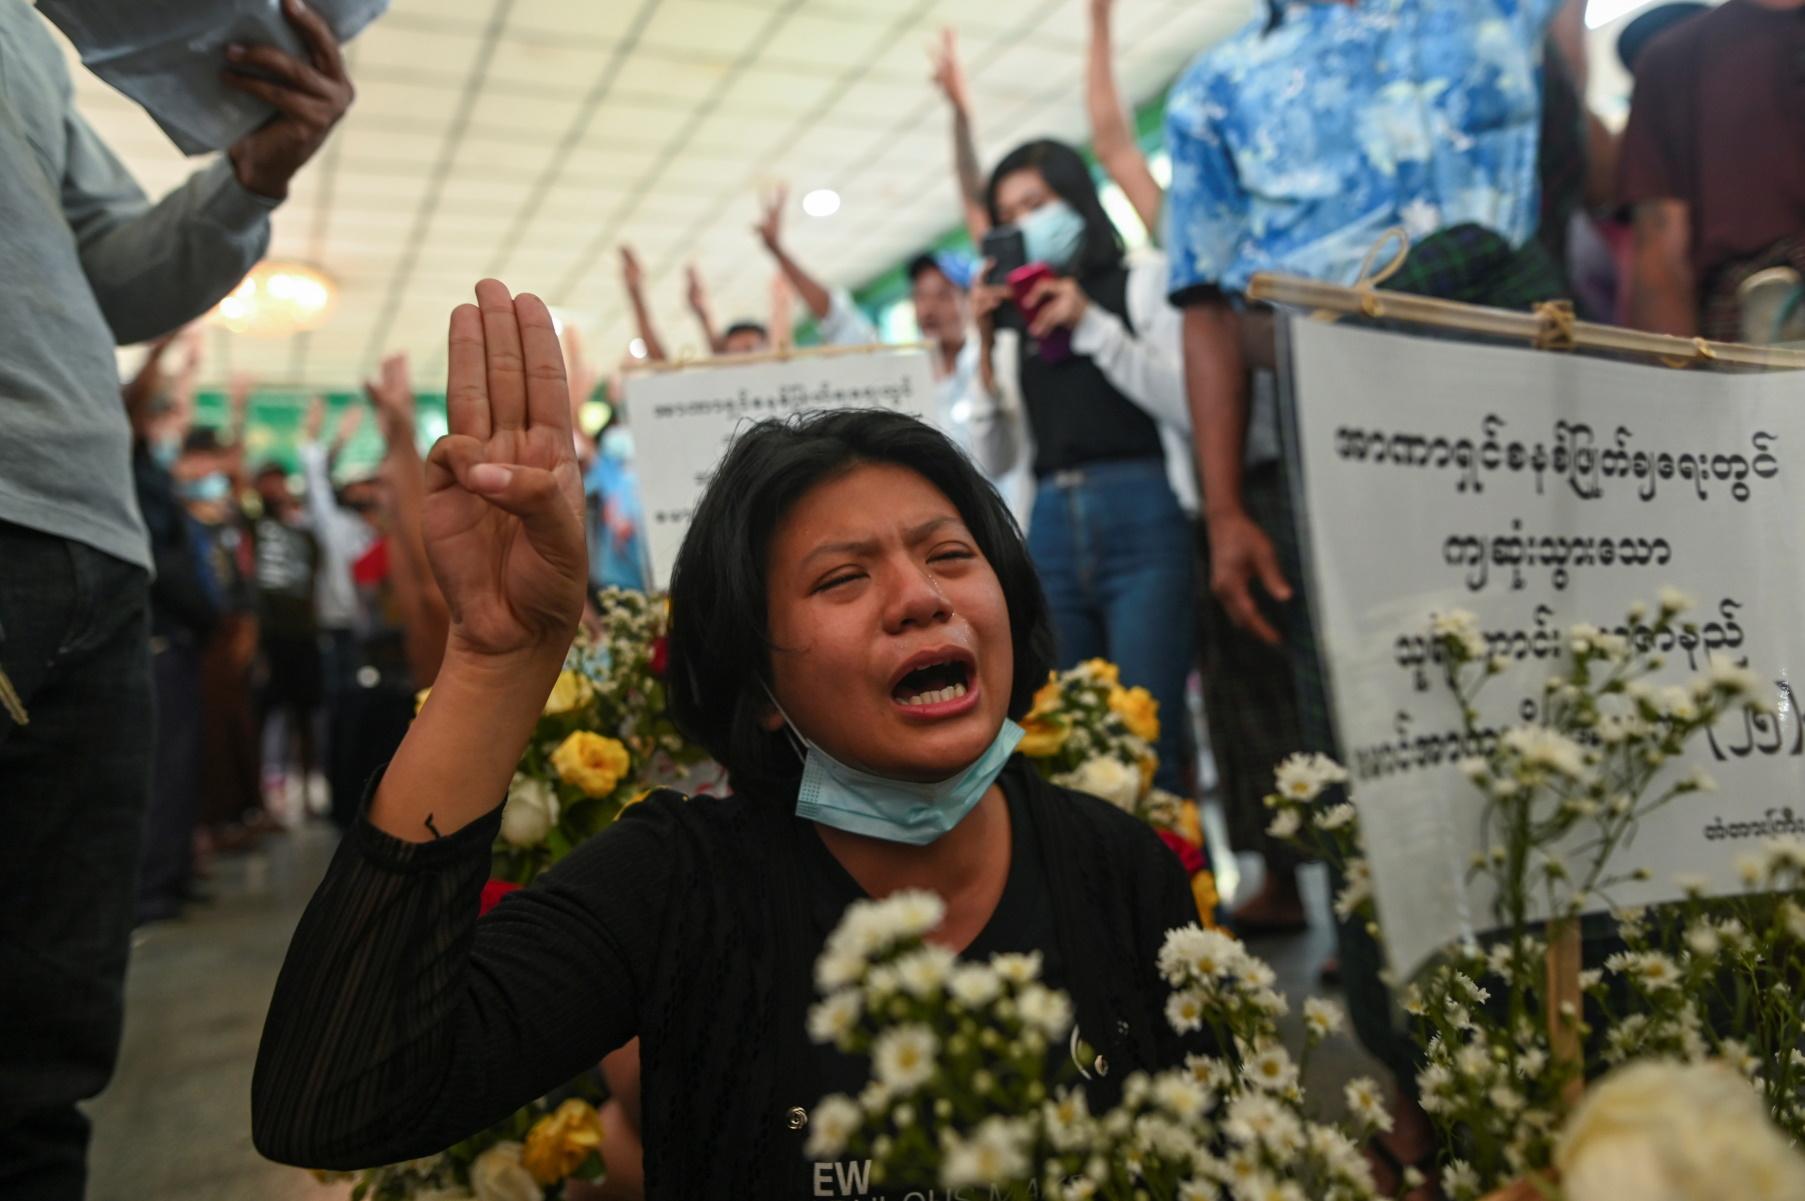 Μιανμάρ: Χιλιάδες διαδηλωτές πάλι στους δρόμους – 55 οι νεκροί από την αρχή του πραξικοπήματος